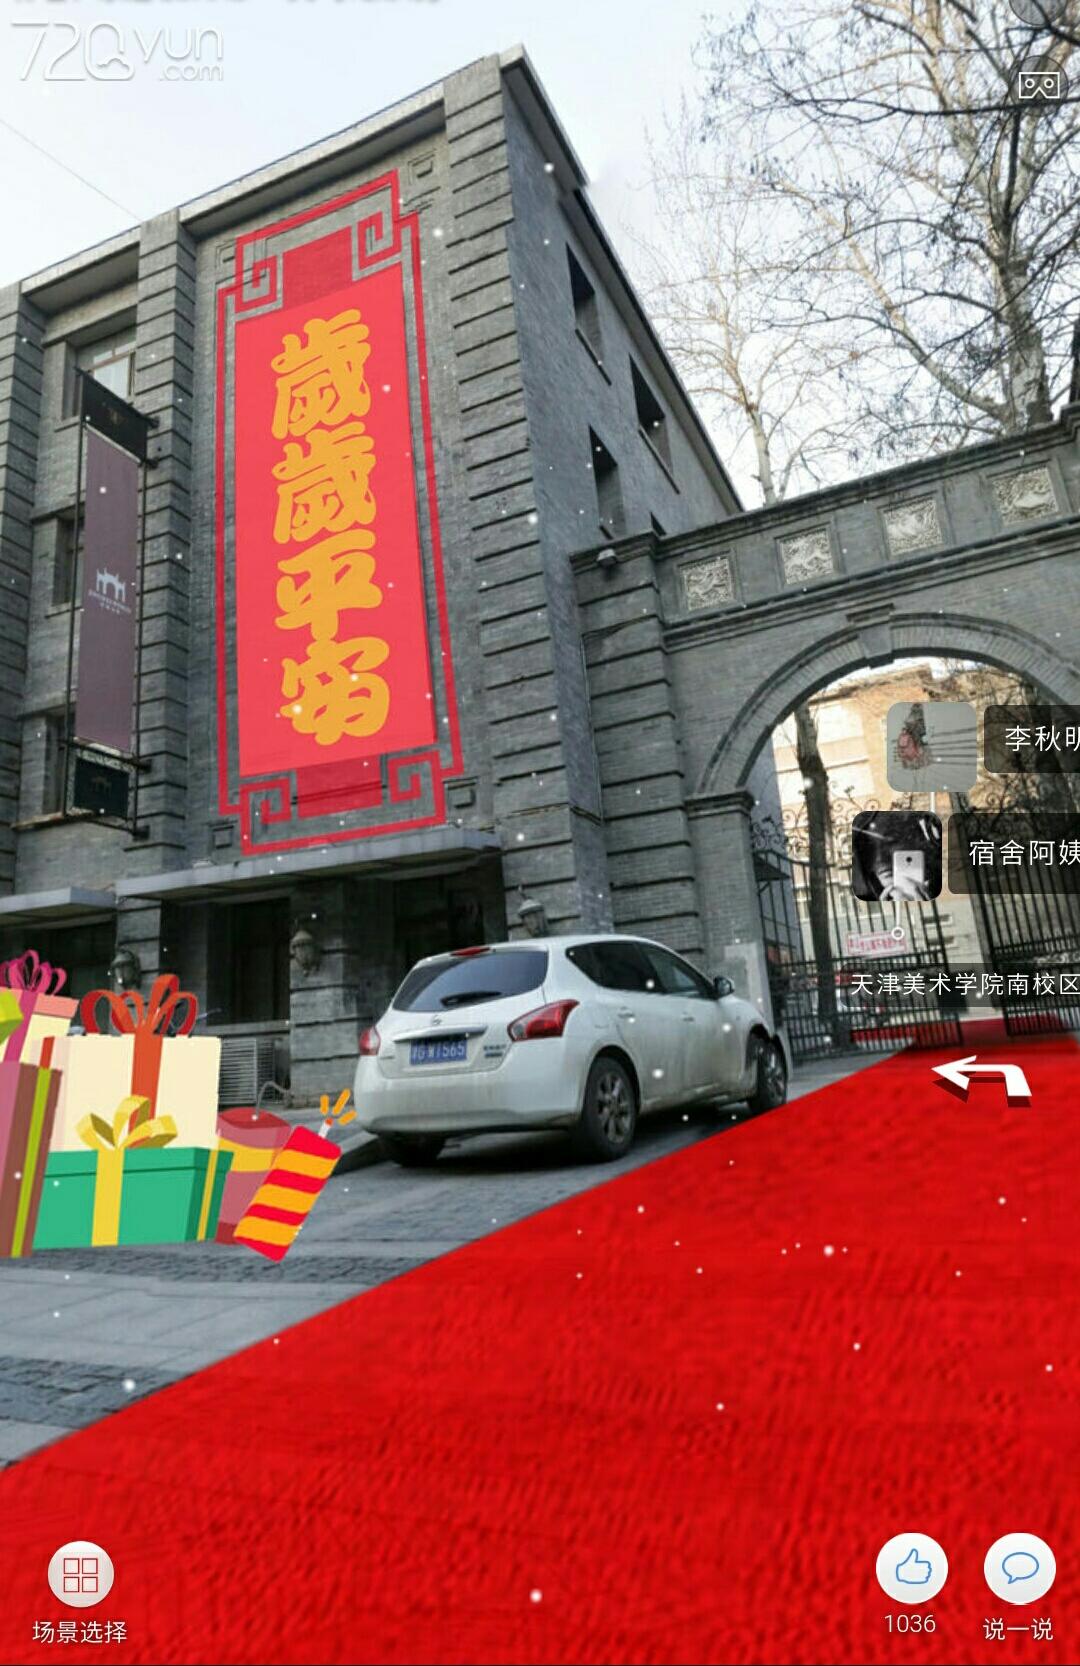 天津美术学院创意贴图新年版vr全景